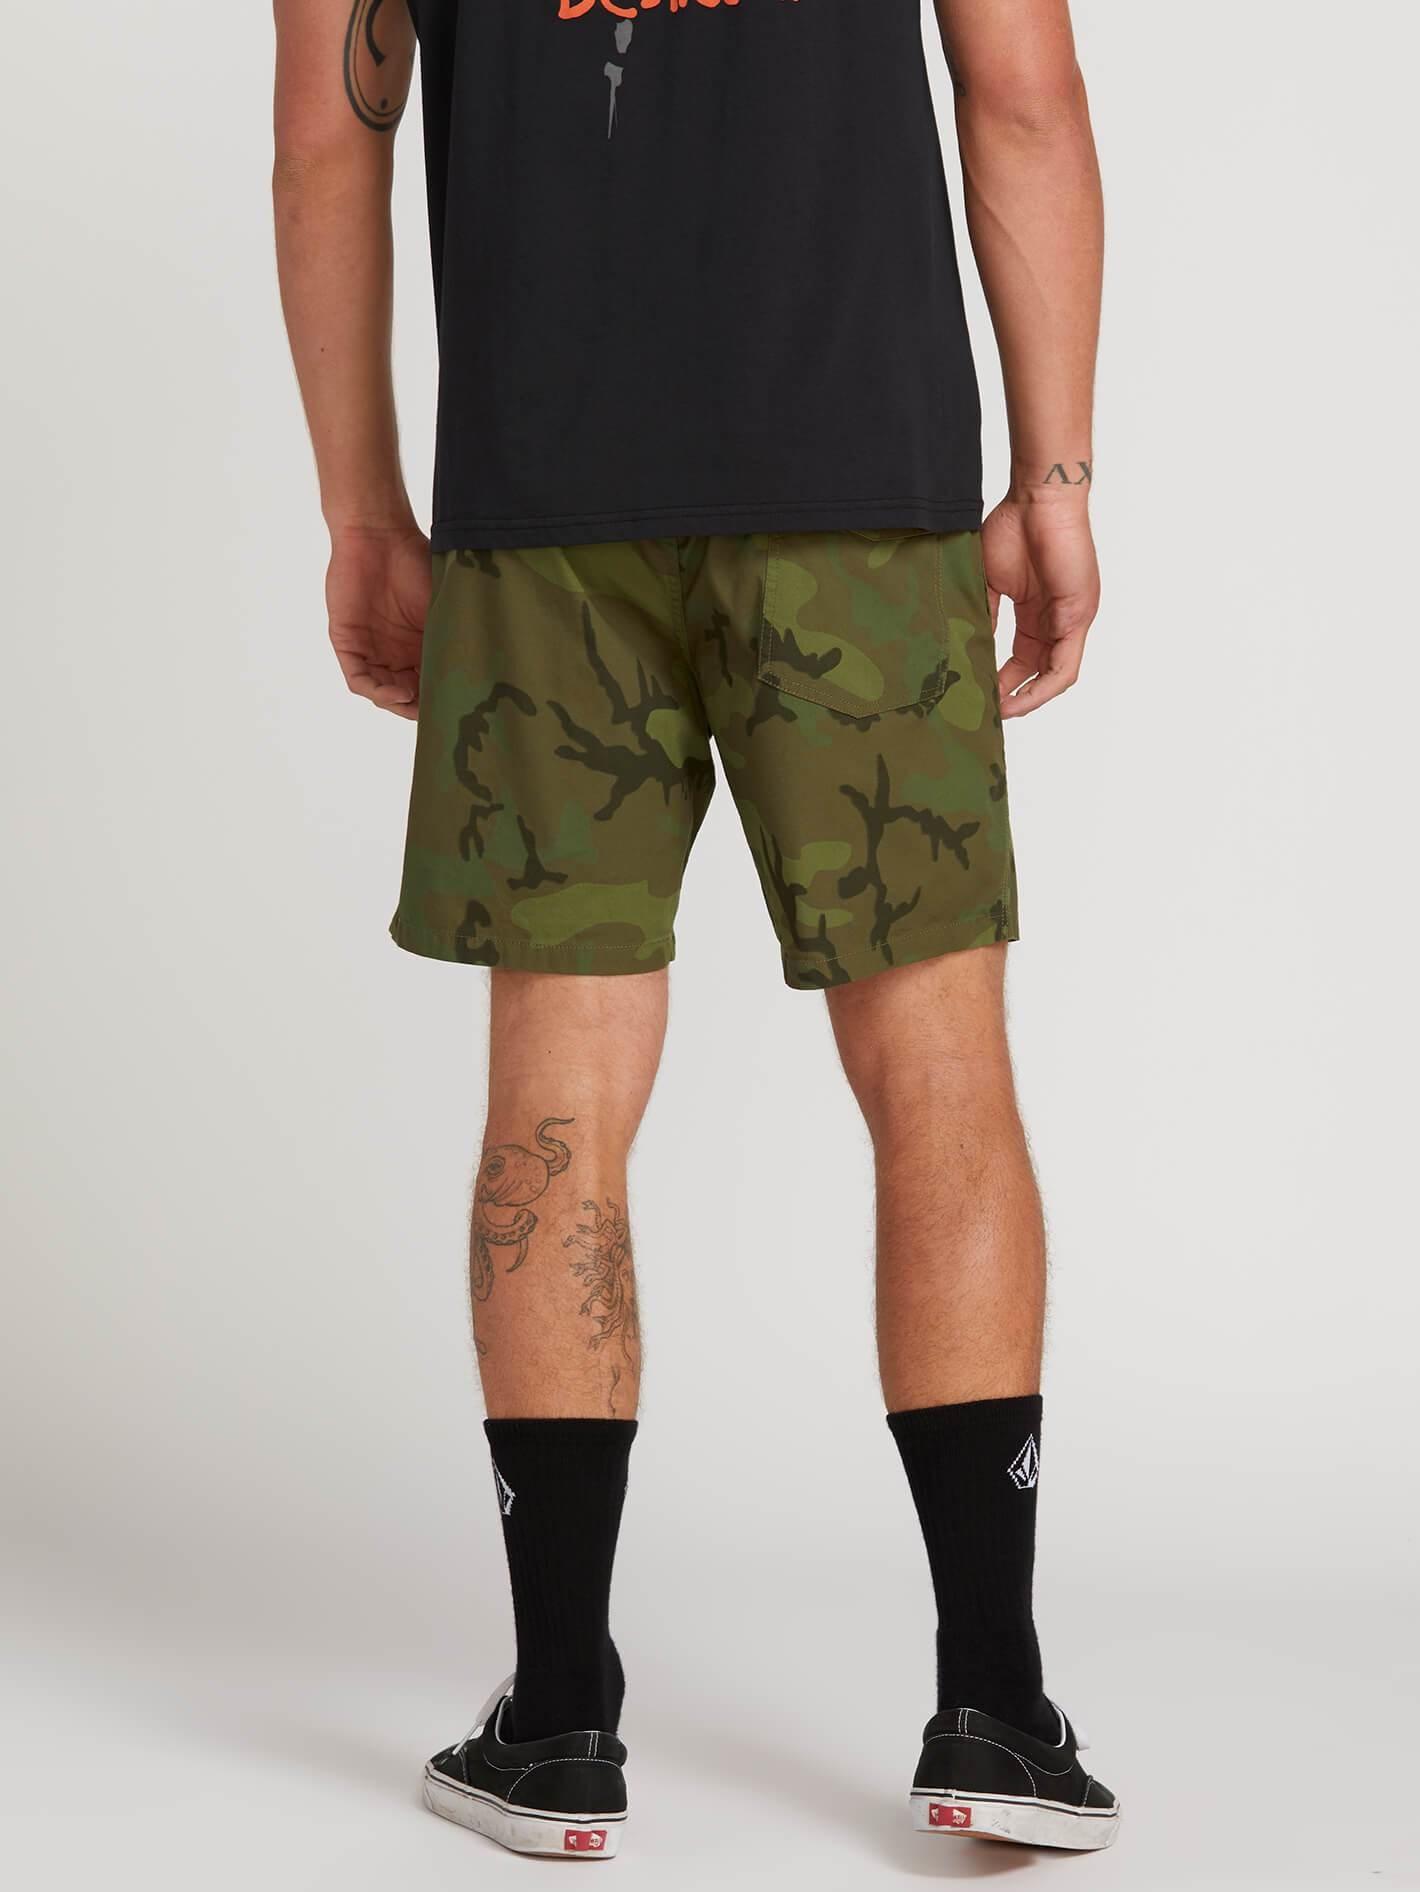 Korte Broek Camouflage Heren.Volcom Heren Deadly Stones Shorts Camouflage Verkrijgbaar Bij Aloha